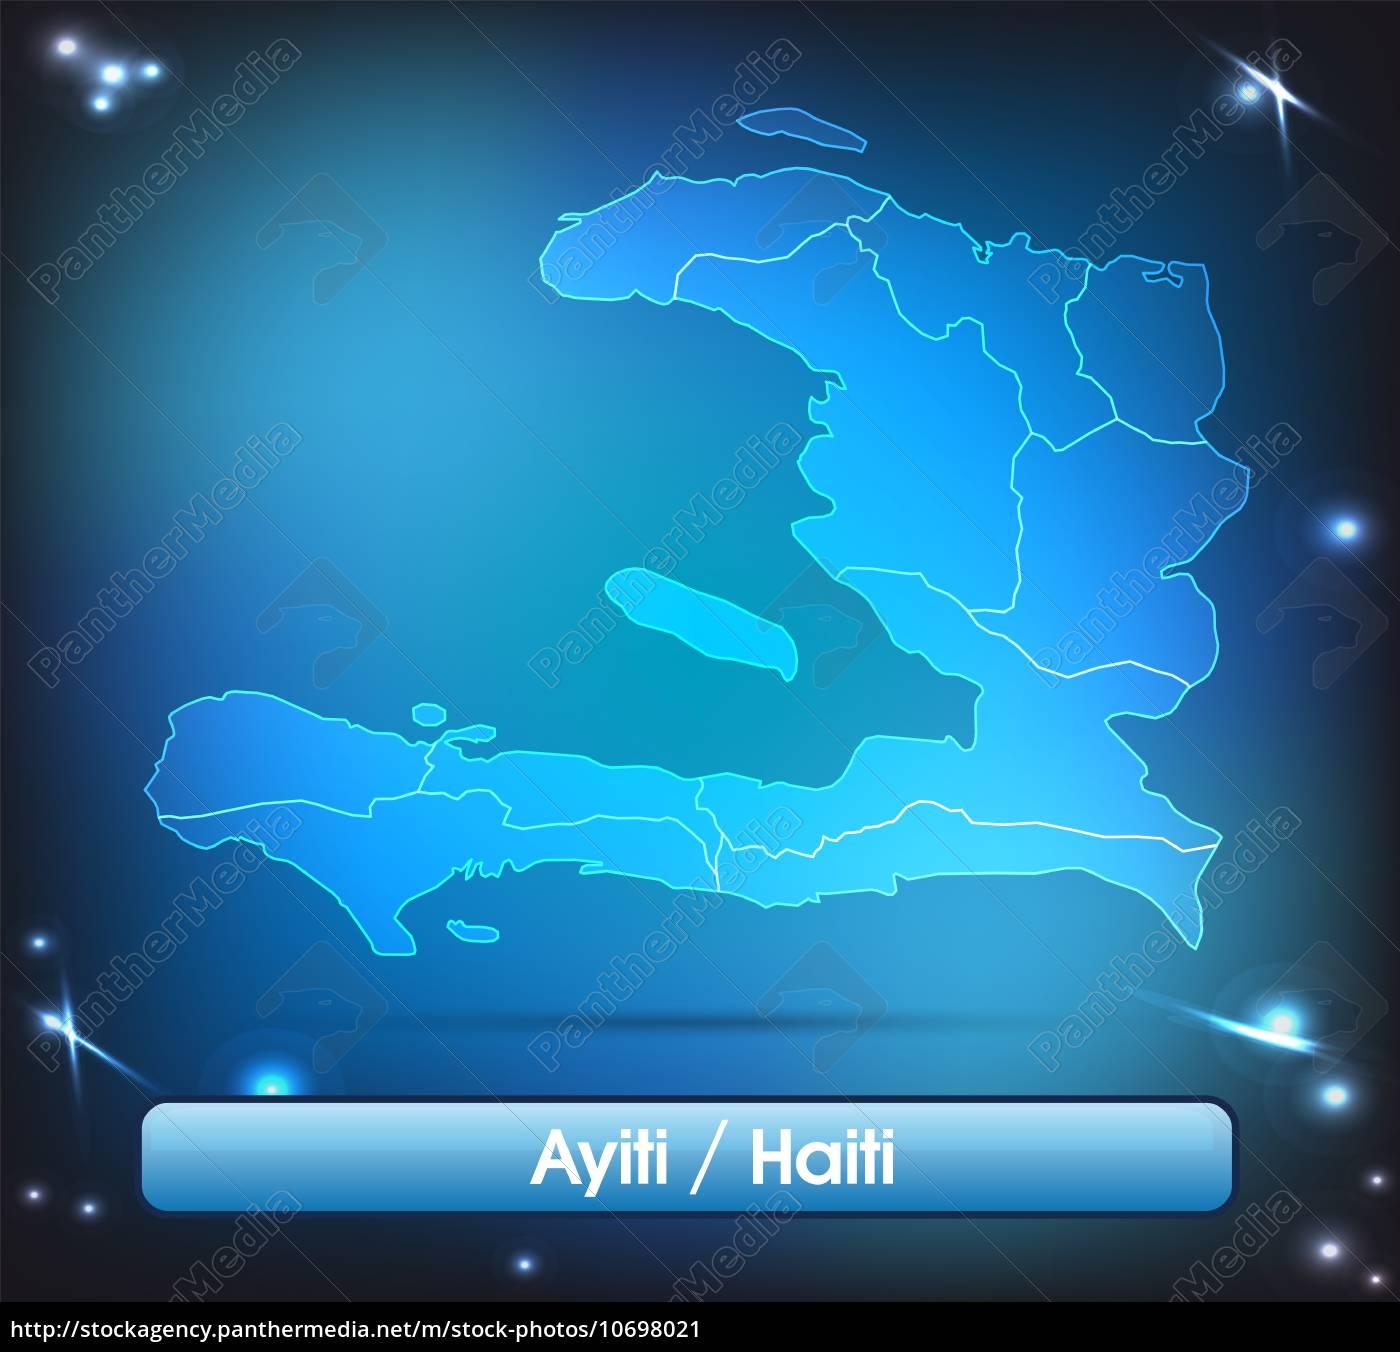 Haiti Karte.Stockfoto 10698021 Karte Von Haiti Mit Grenzen In Leuchtenden Farben